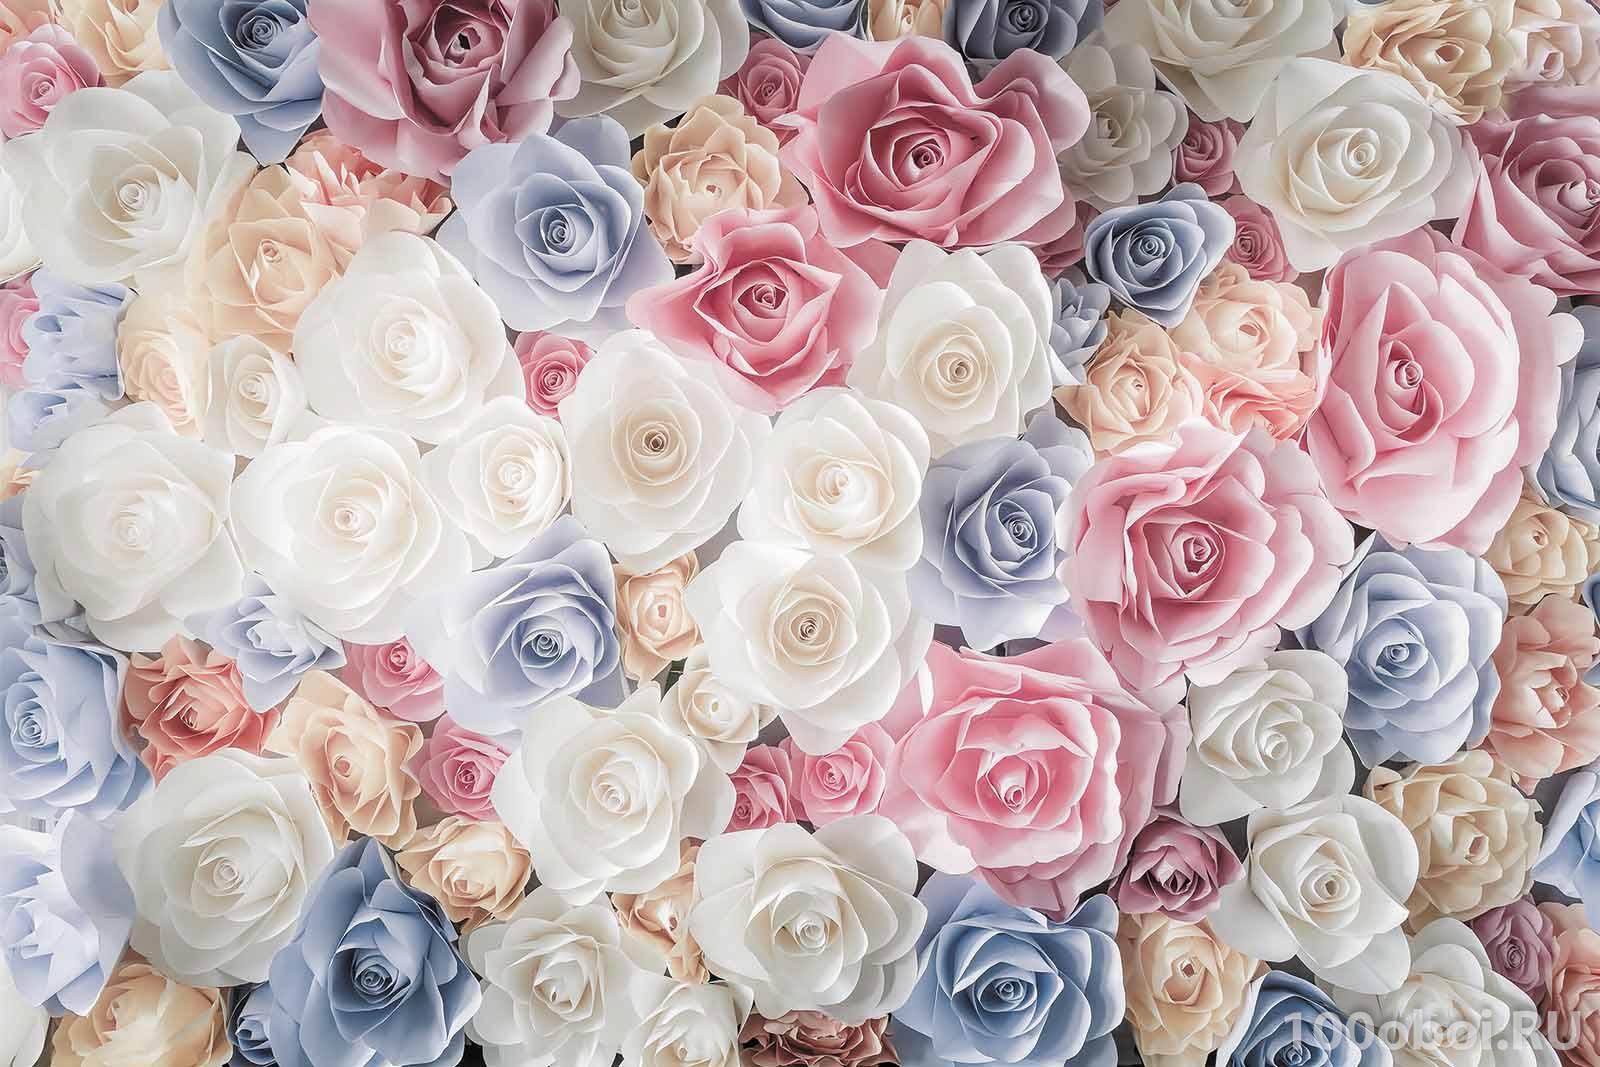 собраны красивые картинки розы фотообои для рабочего стола проблемных соединениях отворачивайте